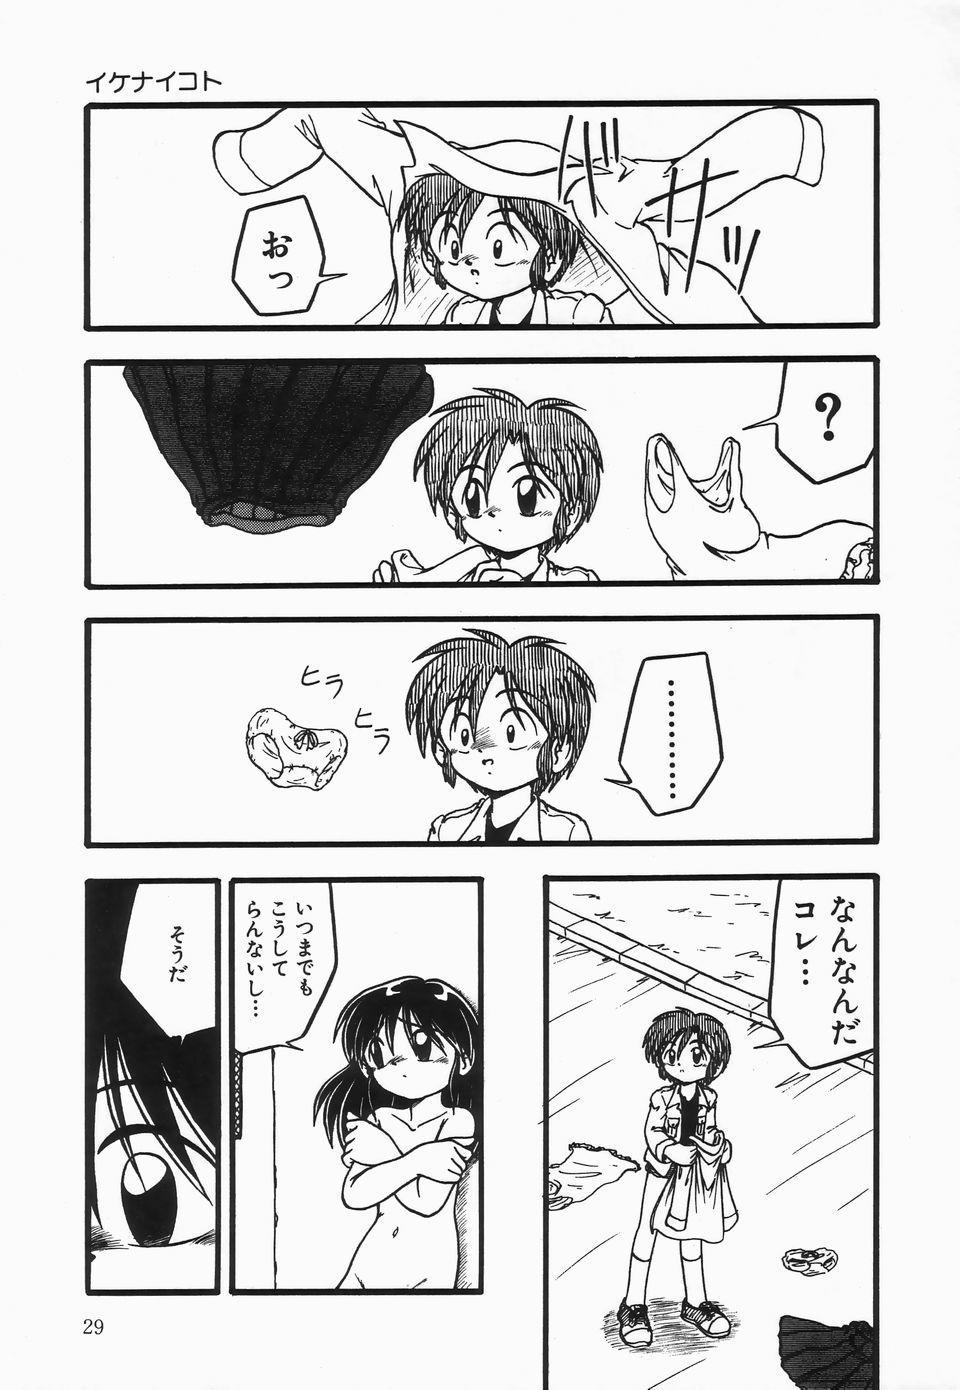 Kanchou Shoujo - Enema Girl 32